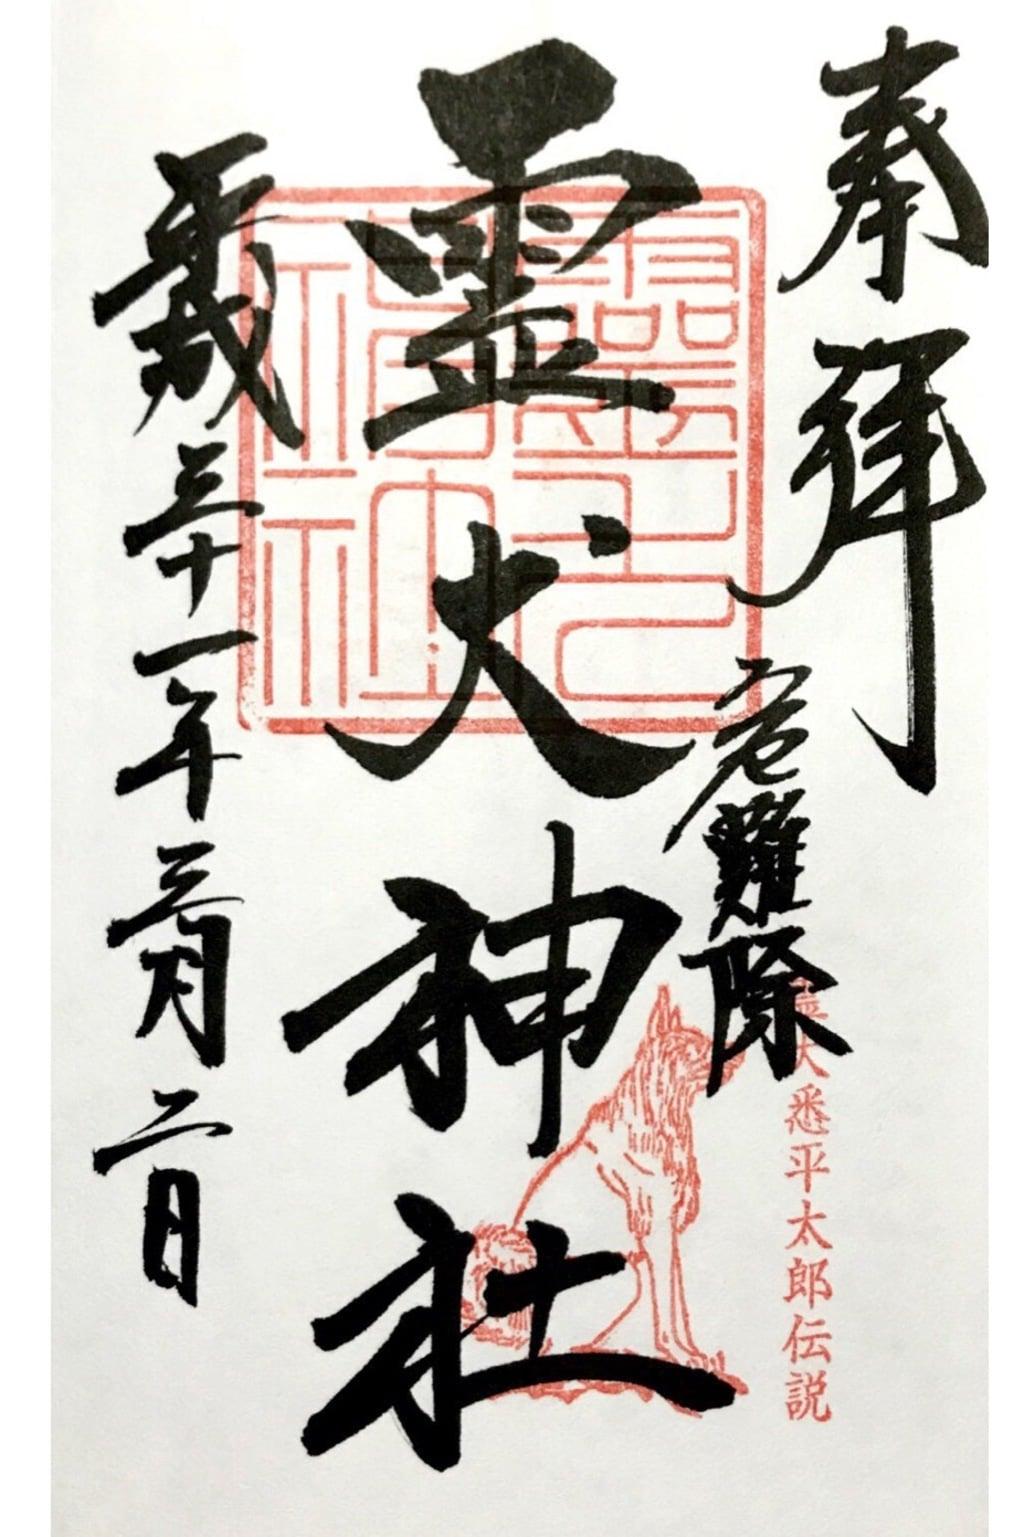 霊犬神社の御朱印